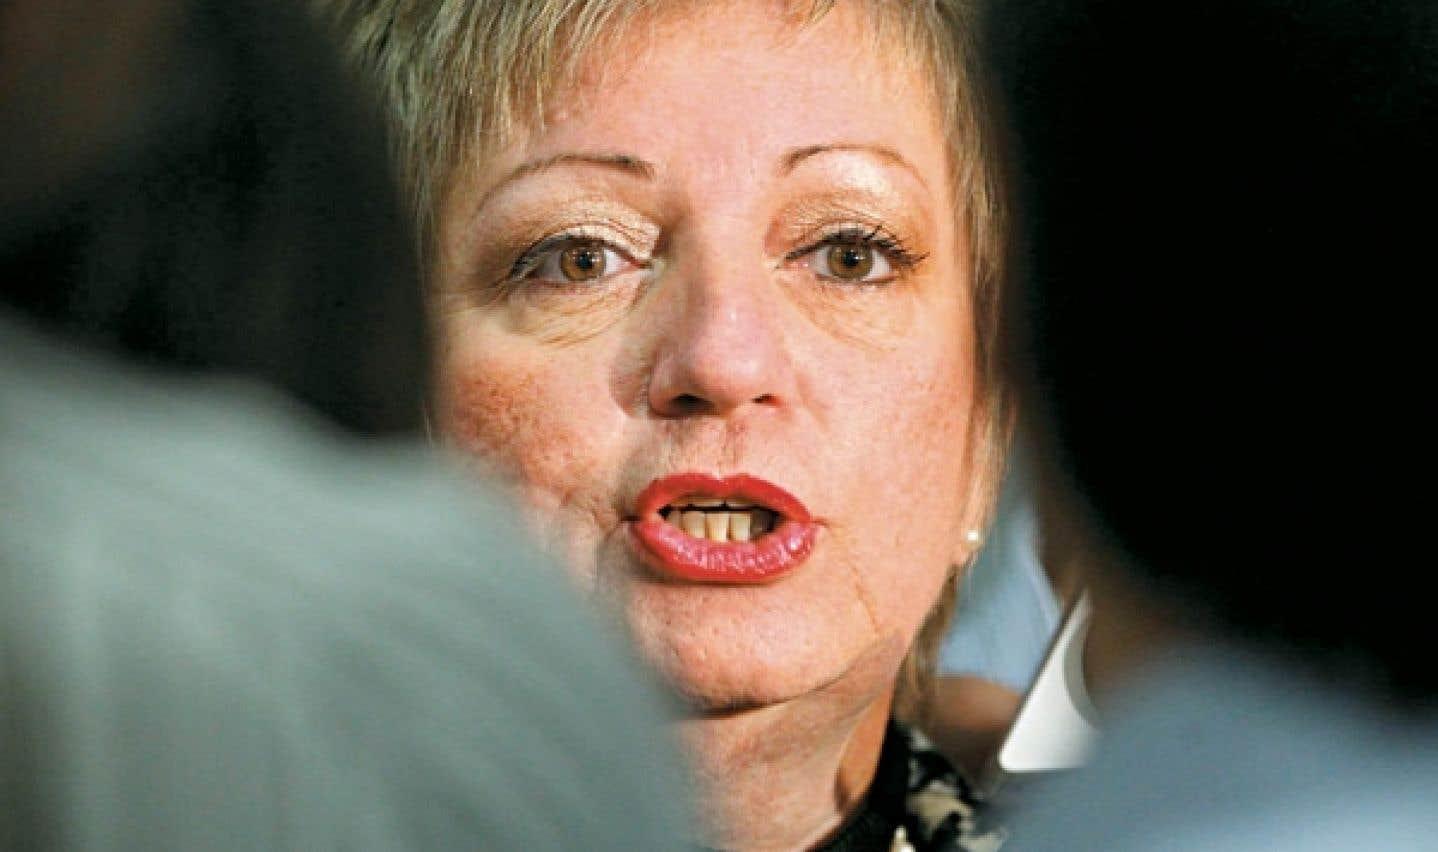 La présidente de la CSDM, Diane de Courcy